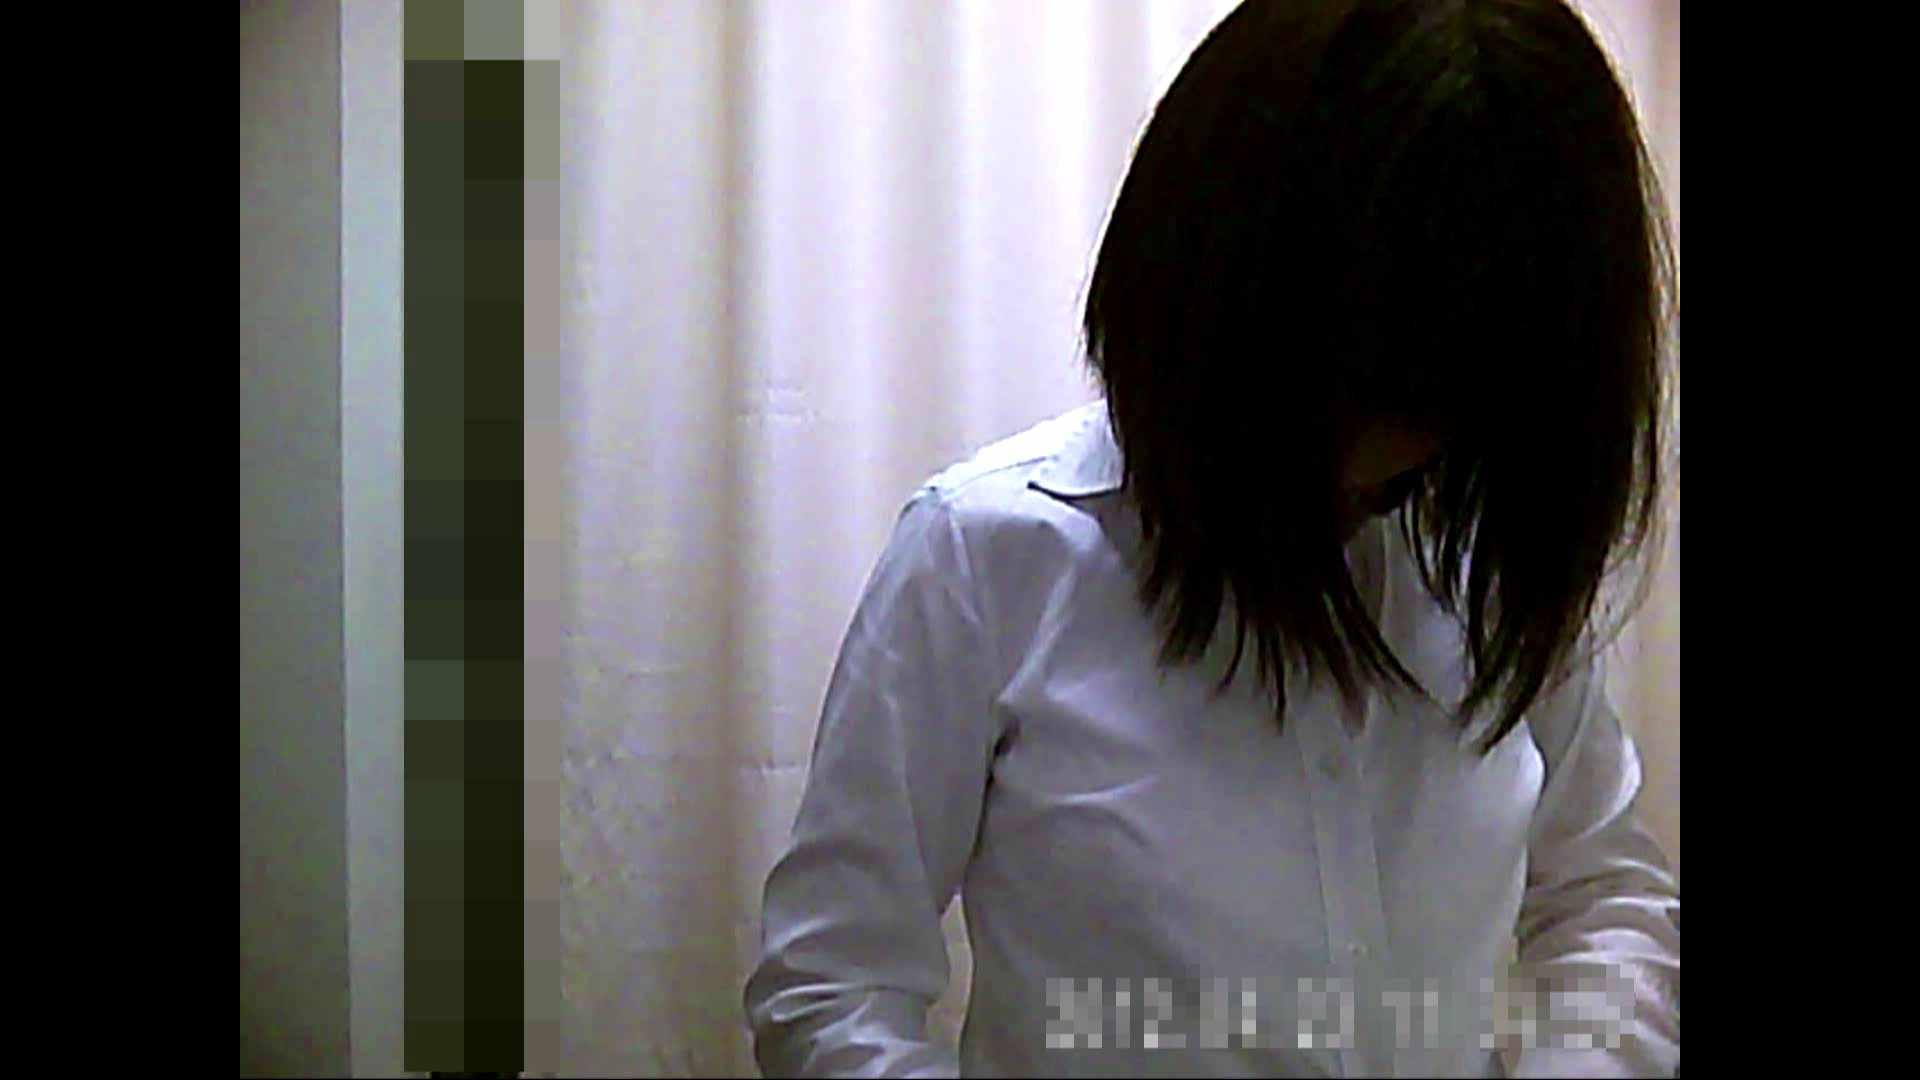 エッチ 熟女 元医者による反抗 更衣室地獄絵巻 vol.011 怪盗ジョーカー